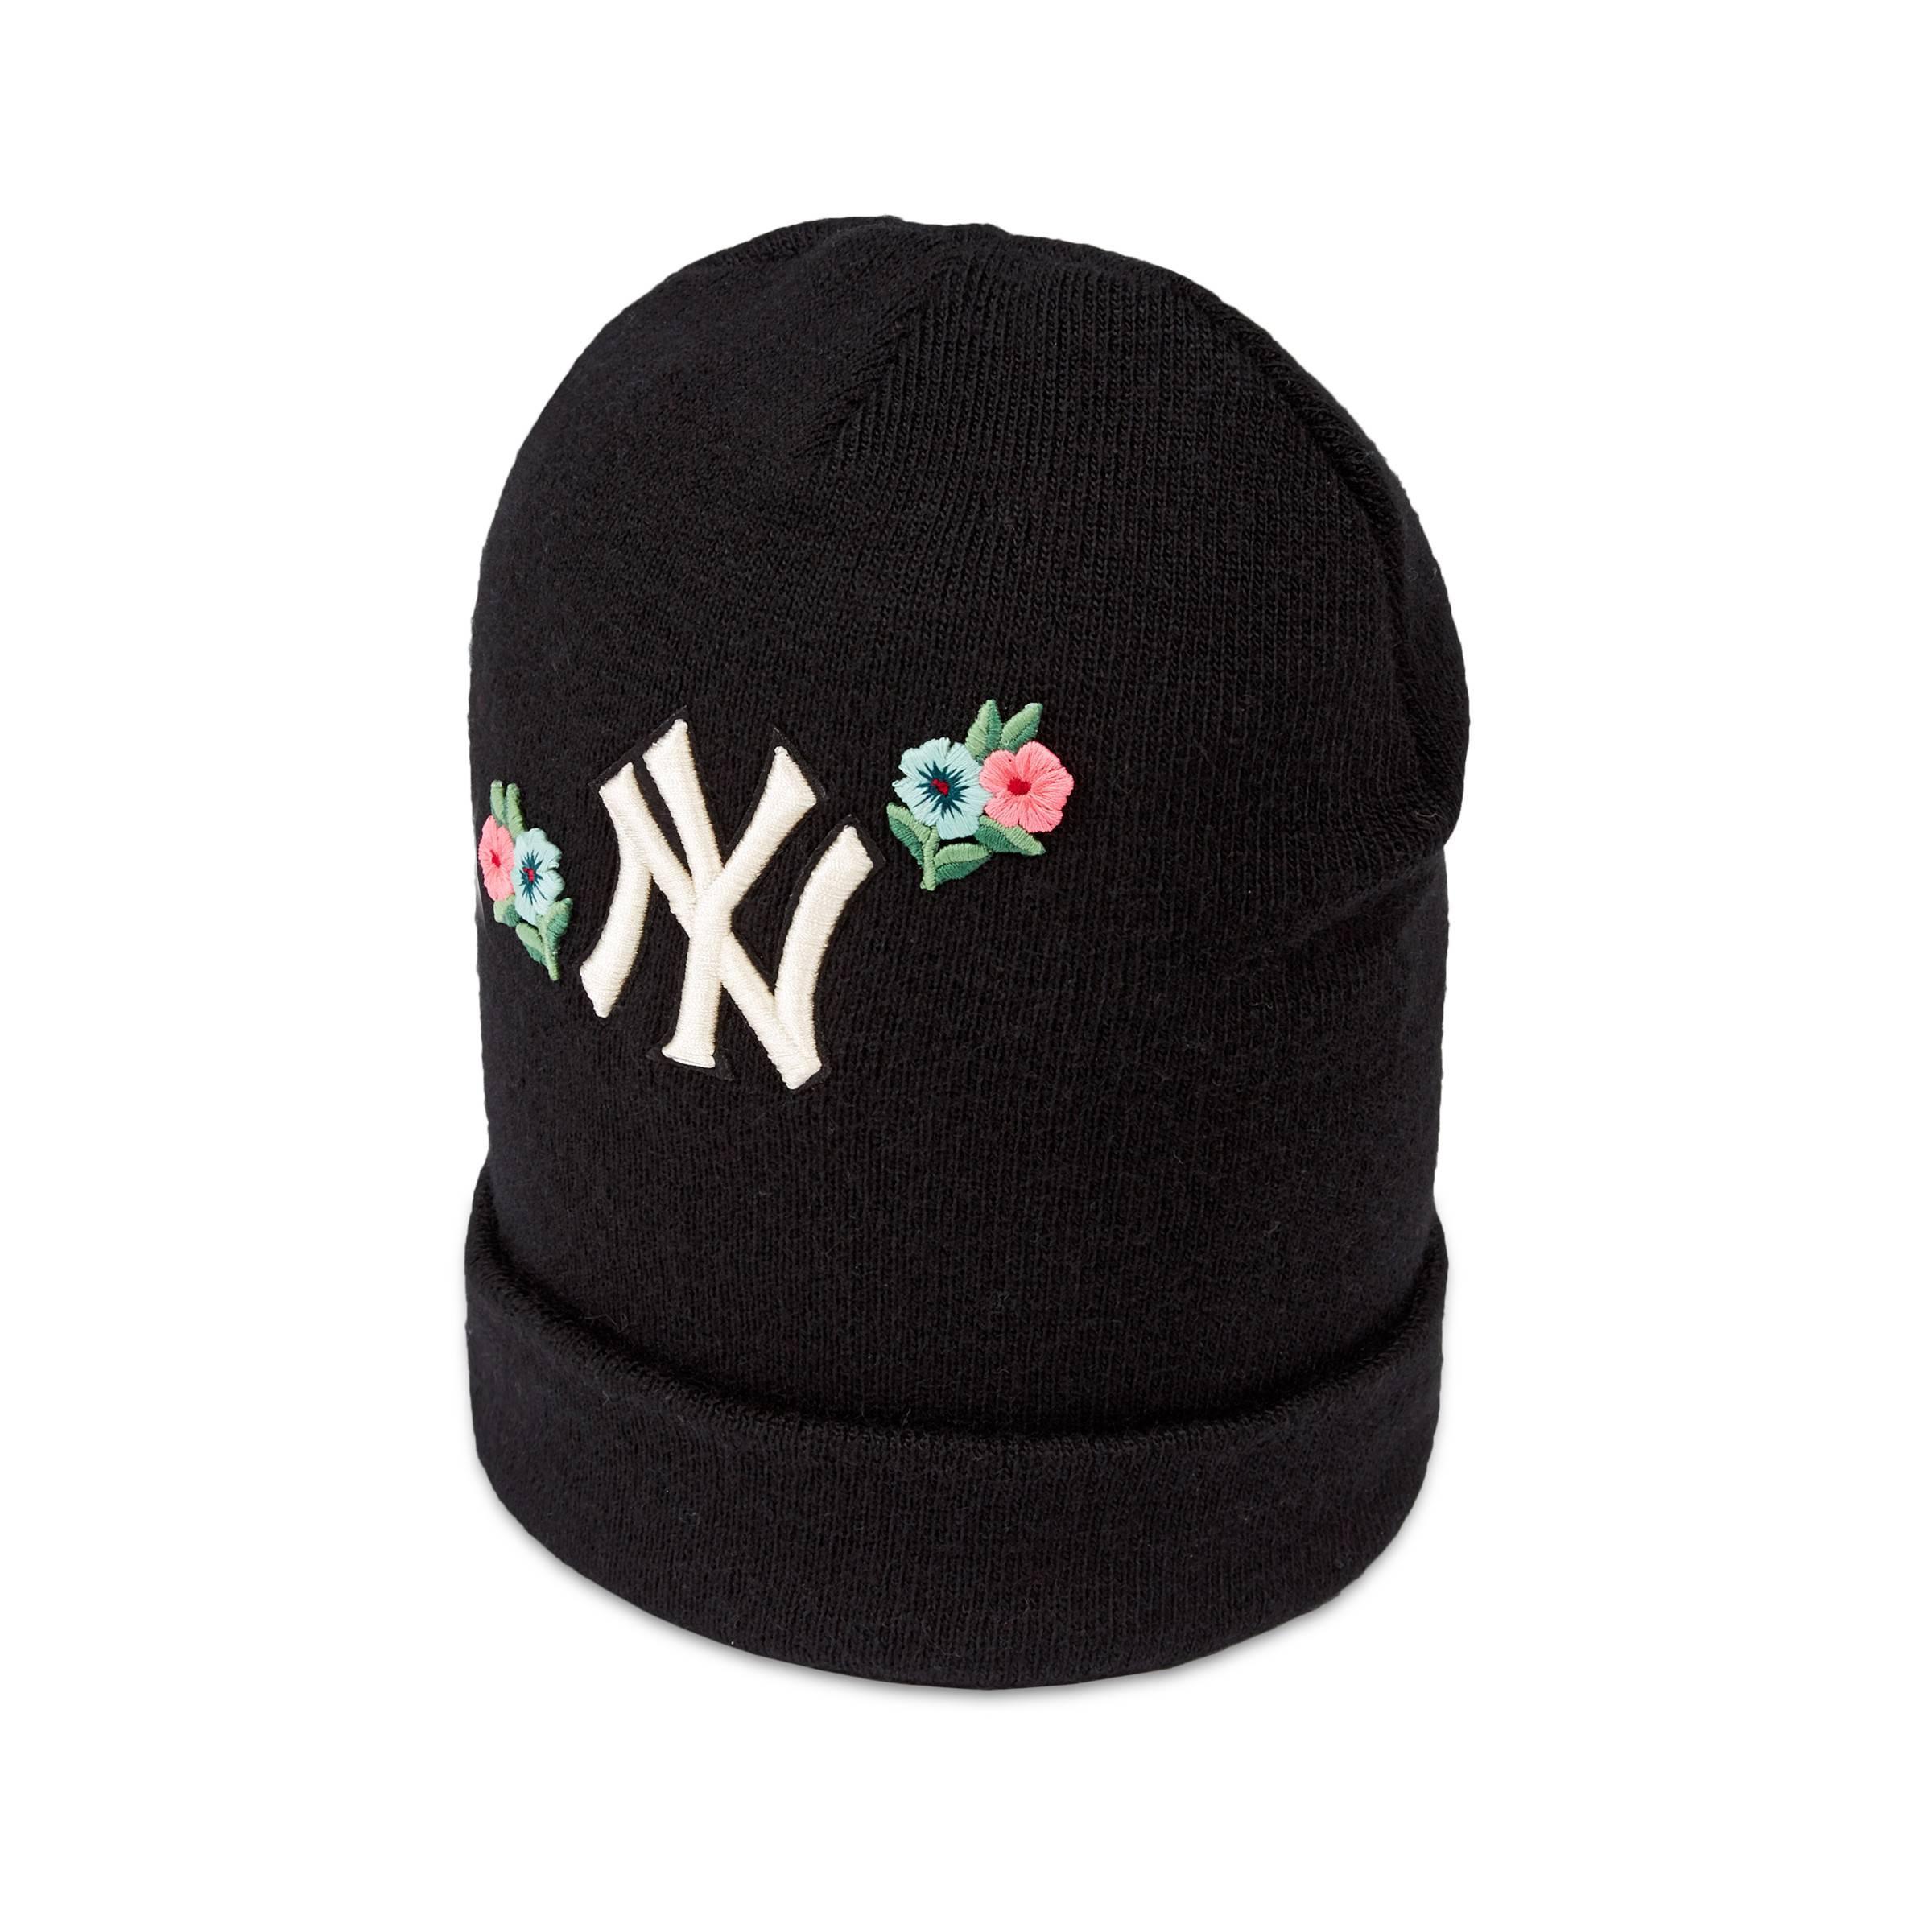 Lyst - Gorro de Lana Bordado New York YankeesTM Gucci de color Negro 76f12f10d12